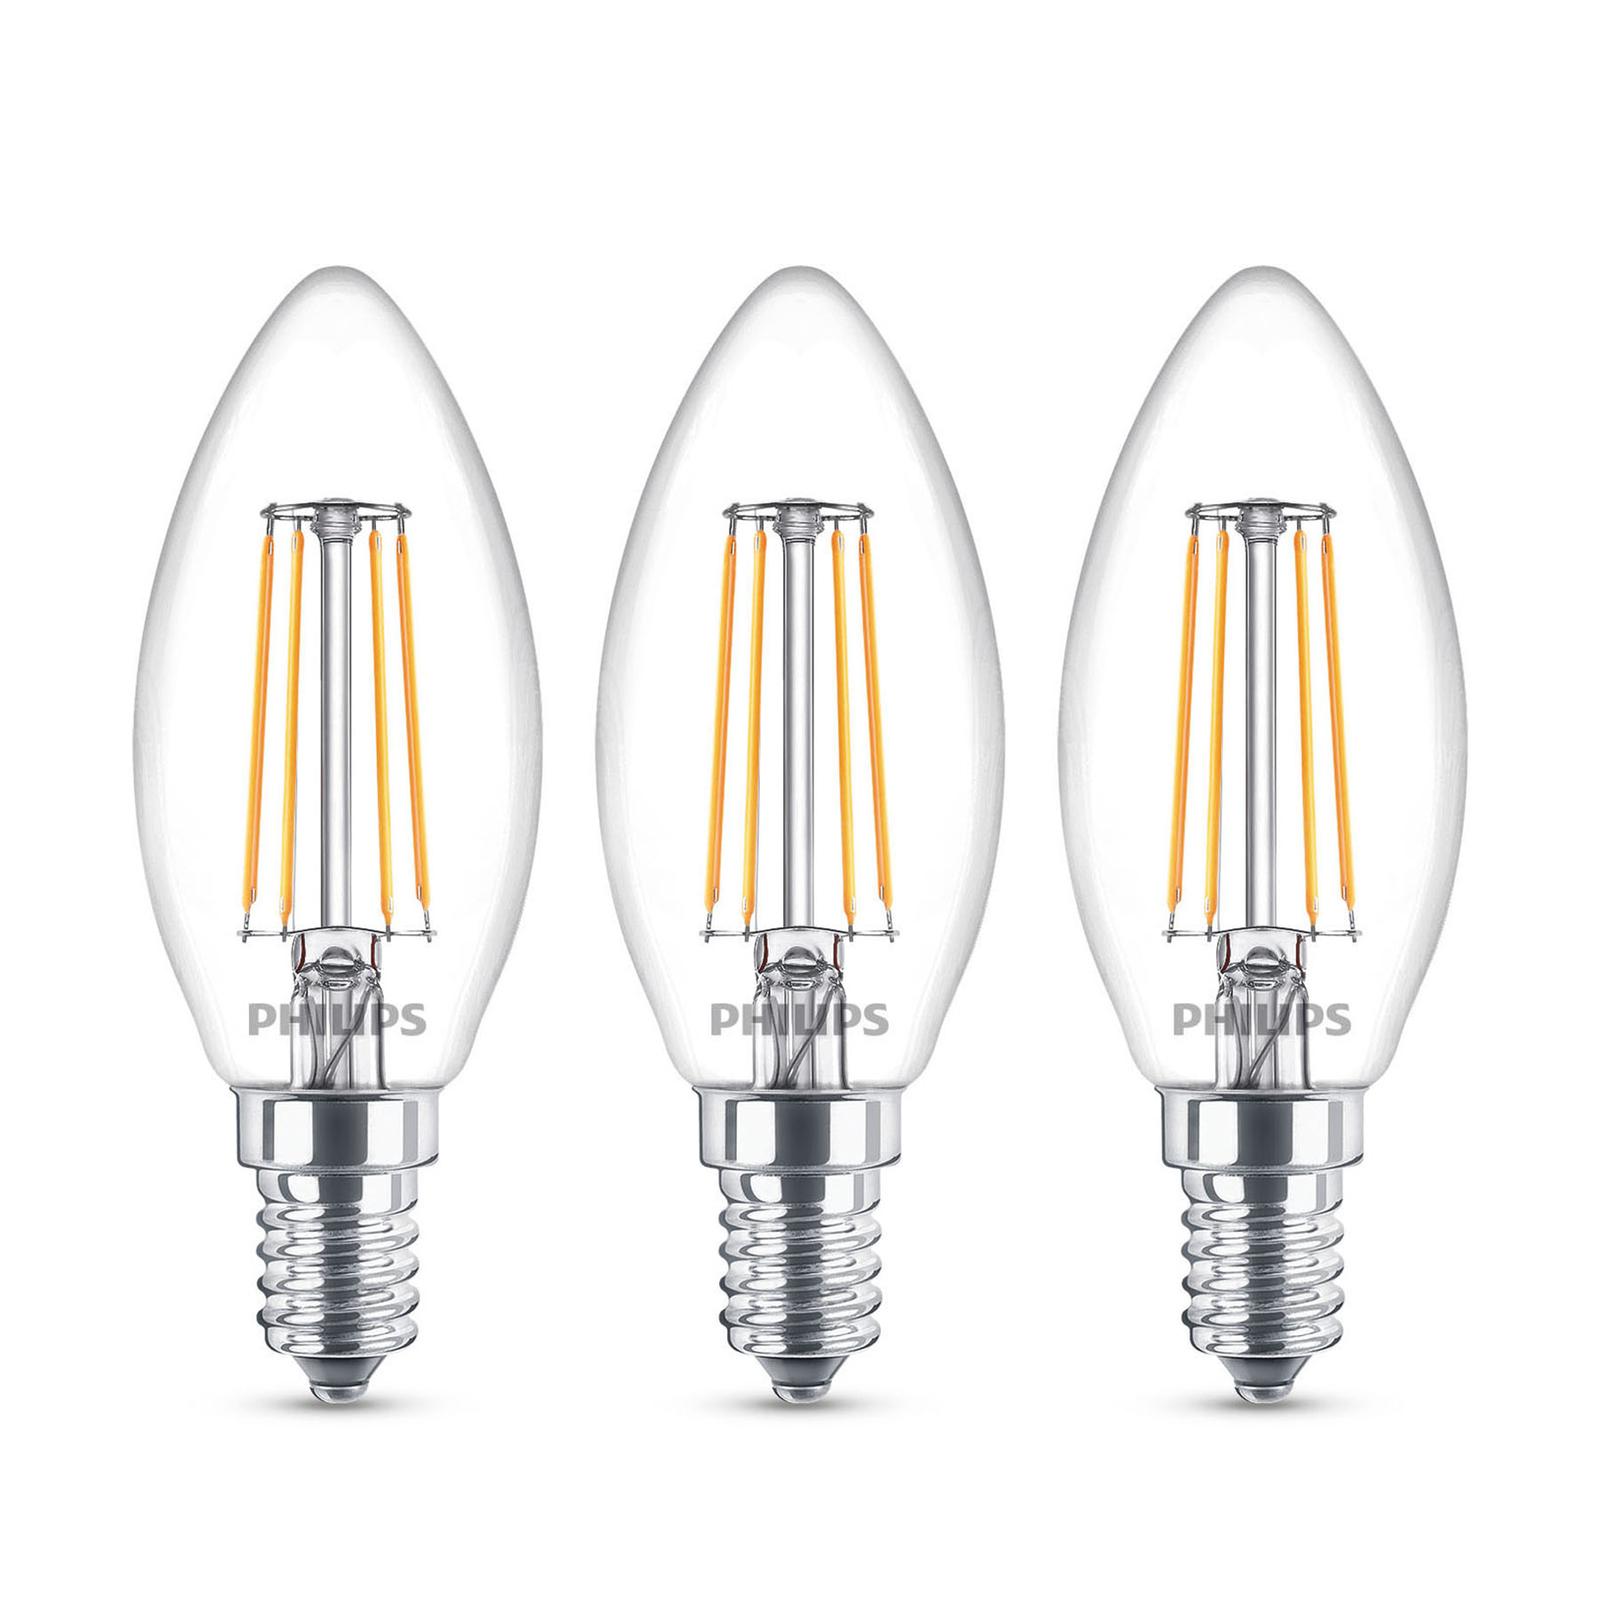 Philips LED-Kerzenlampe E14 B35 4,3W klar 3er-Pack